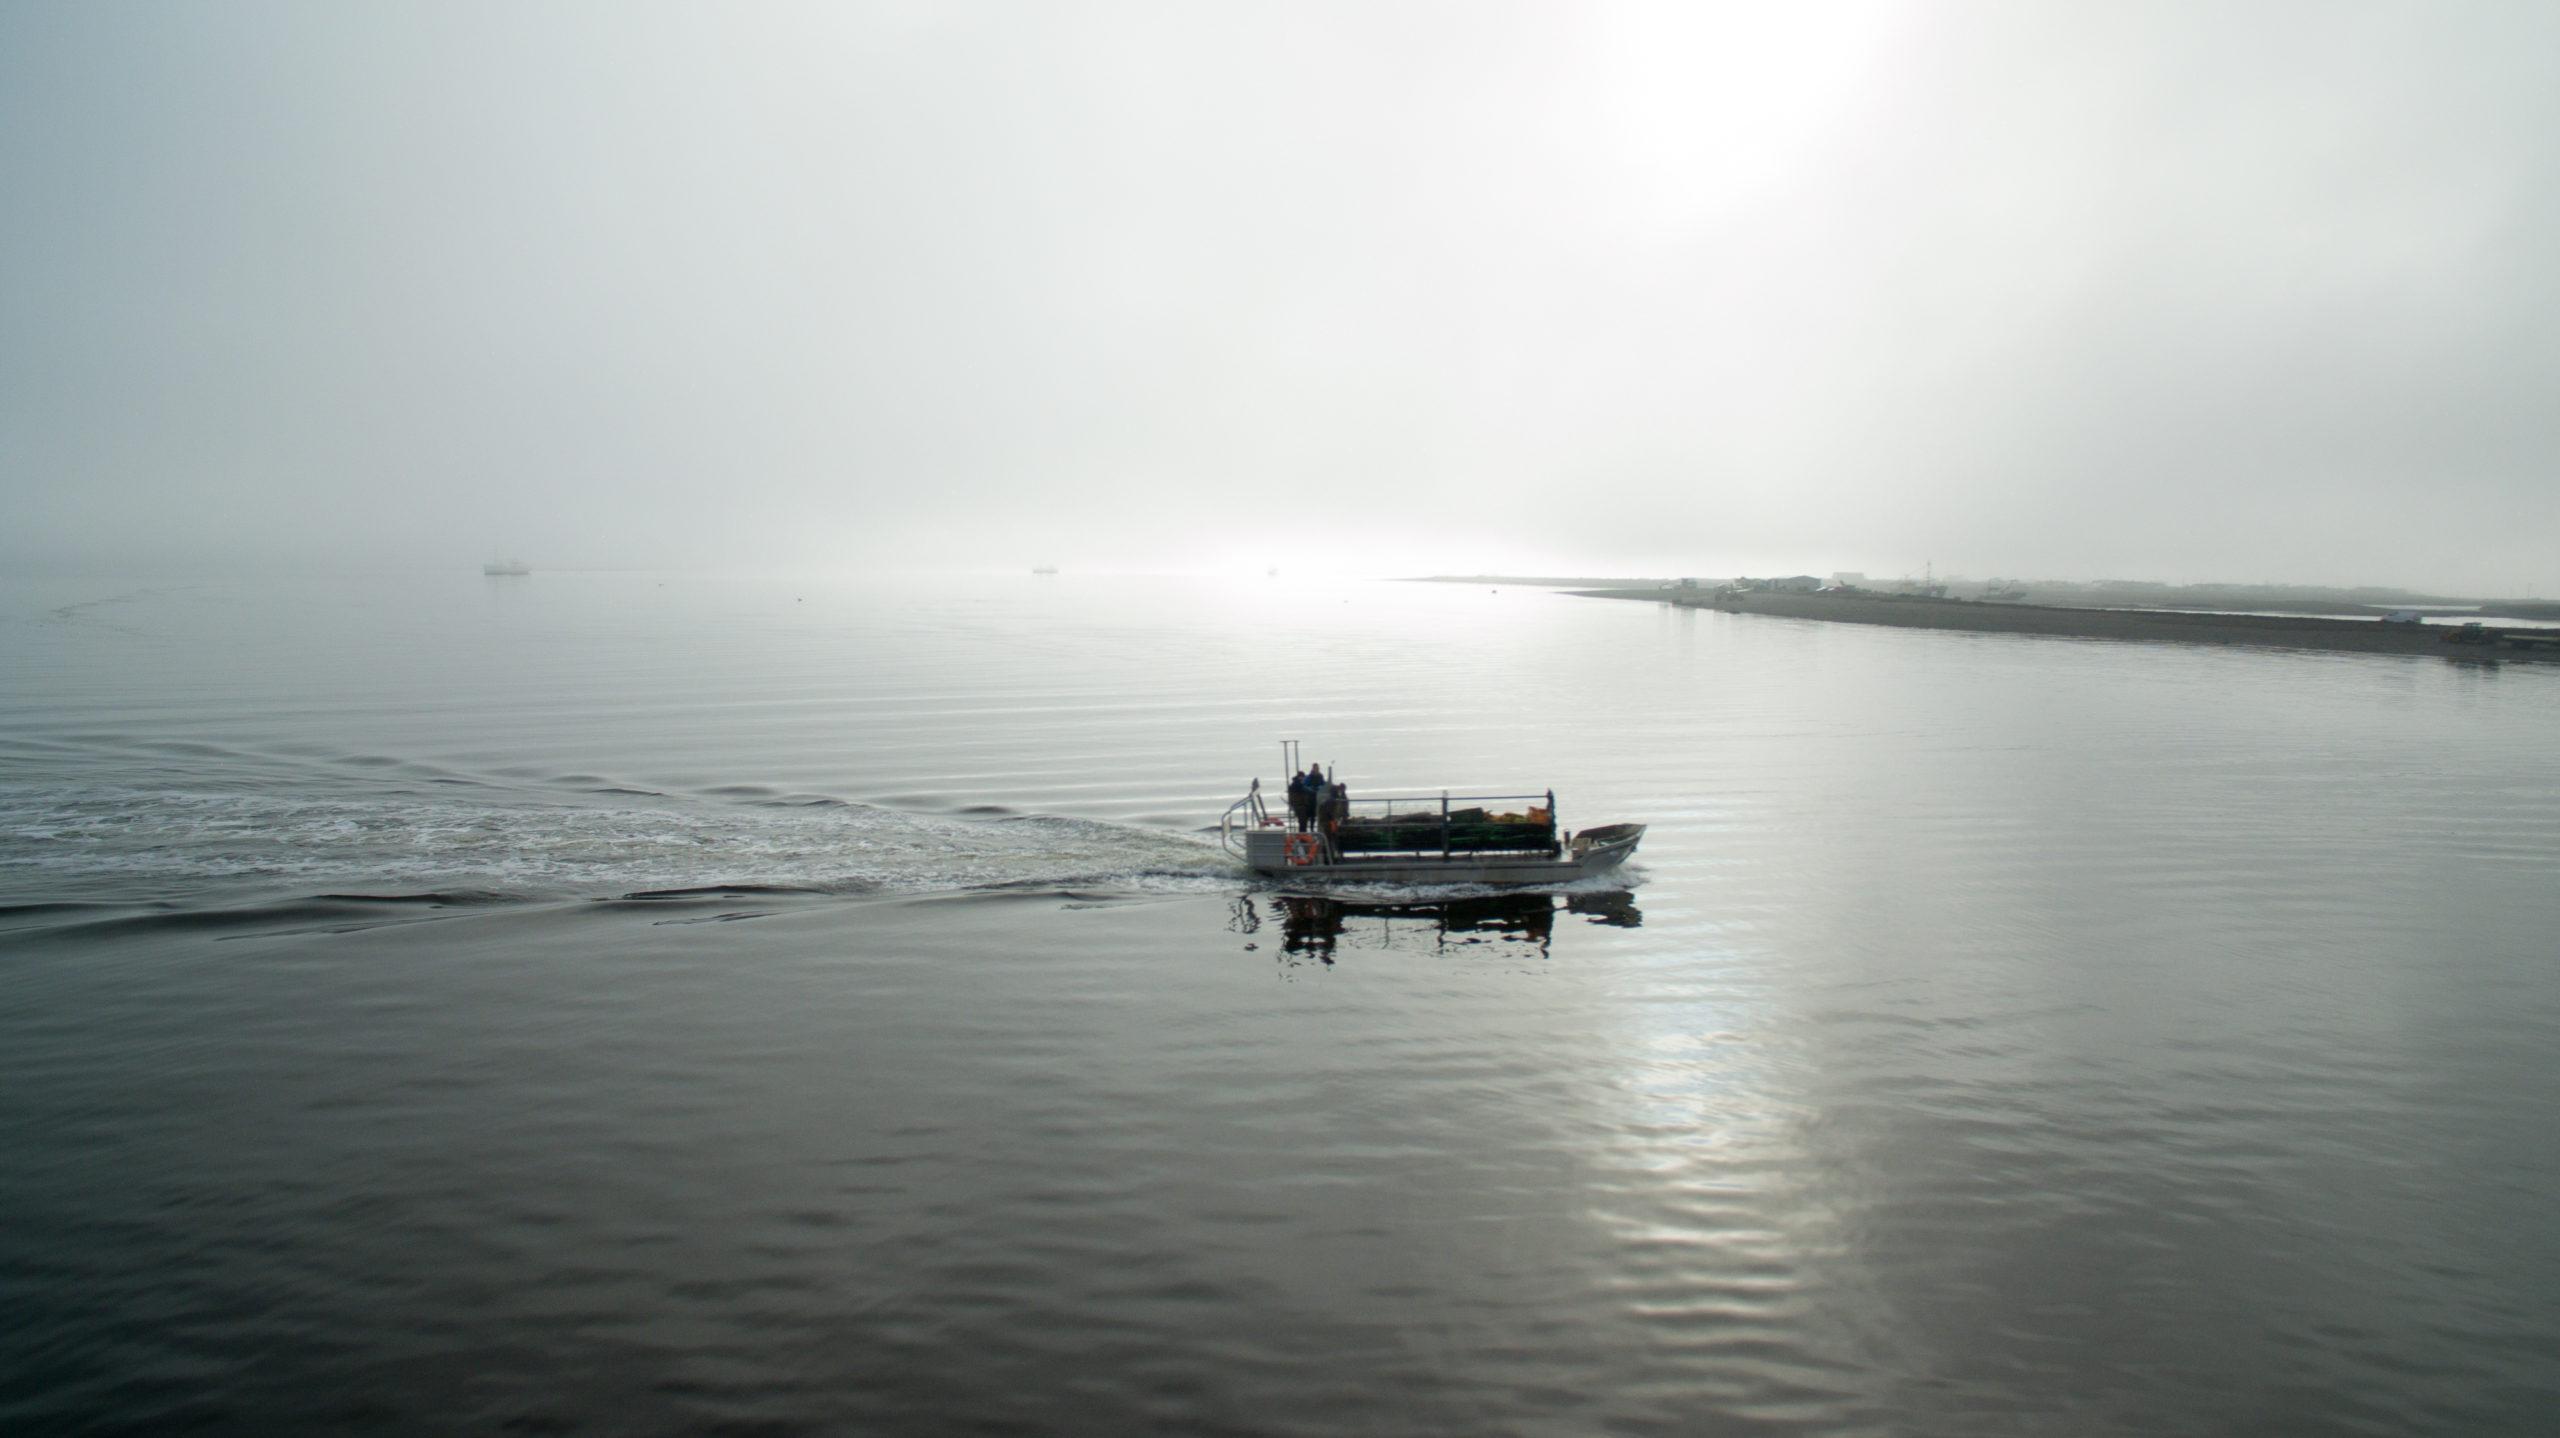 Cromane Bay Shellfish Boat out at sea